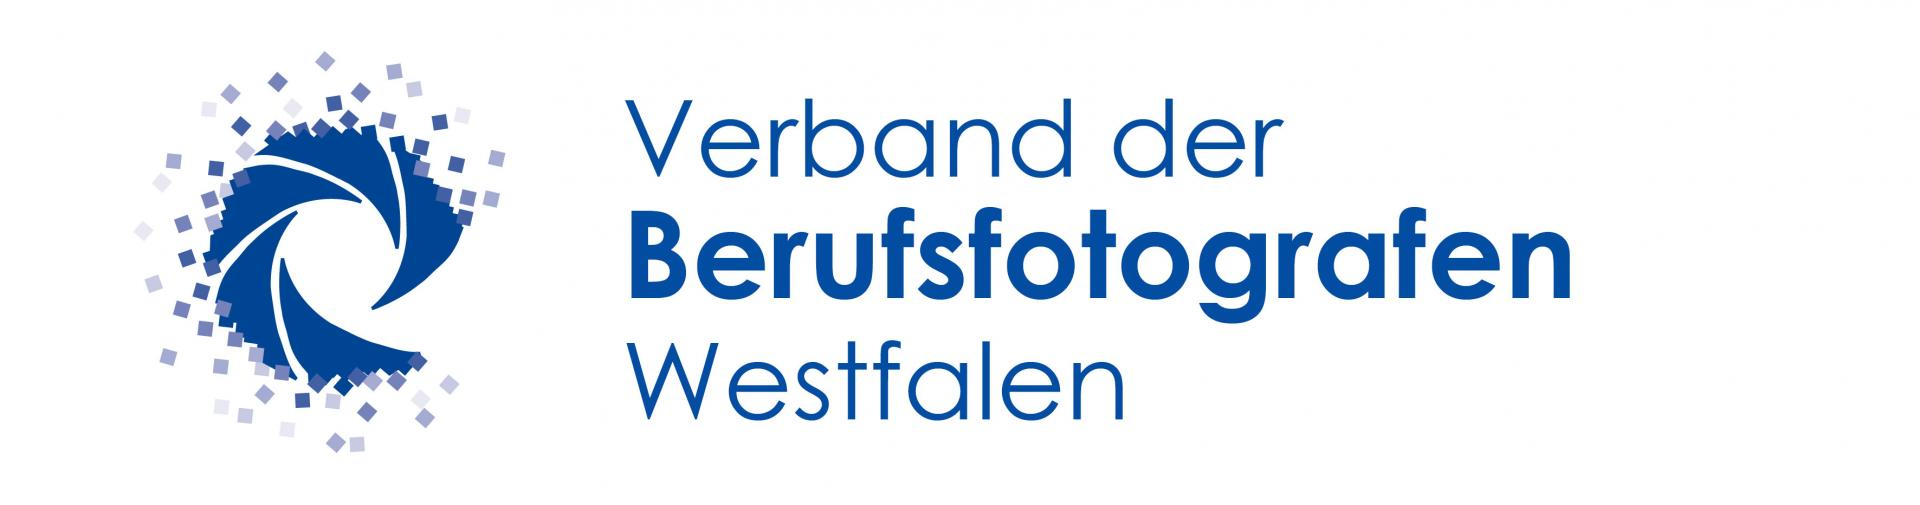 Verband der Berufsfotografen Westfalen